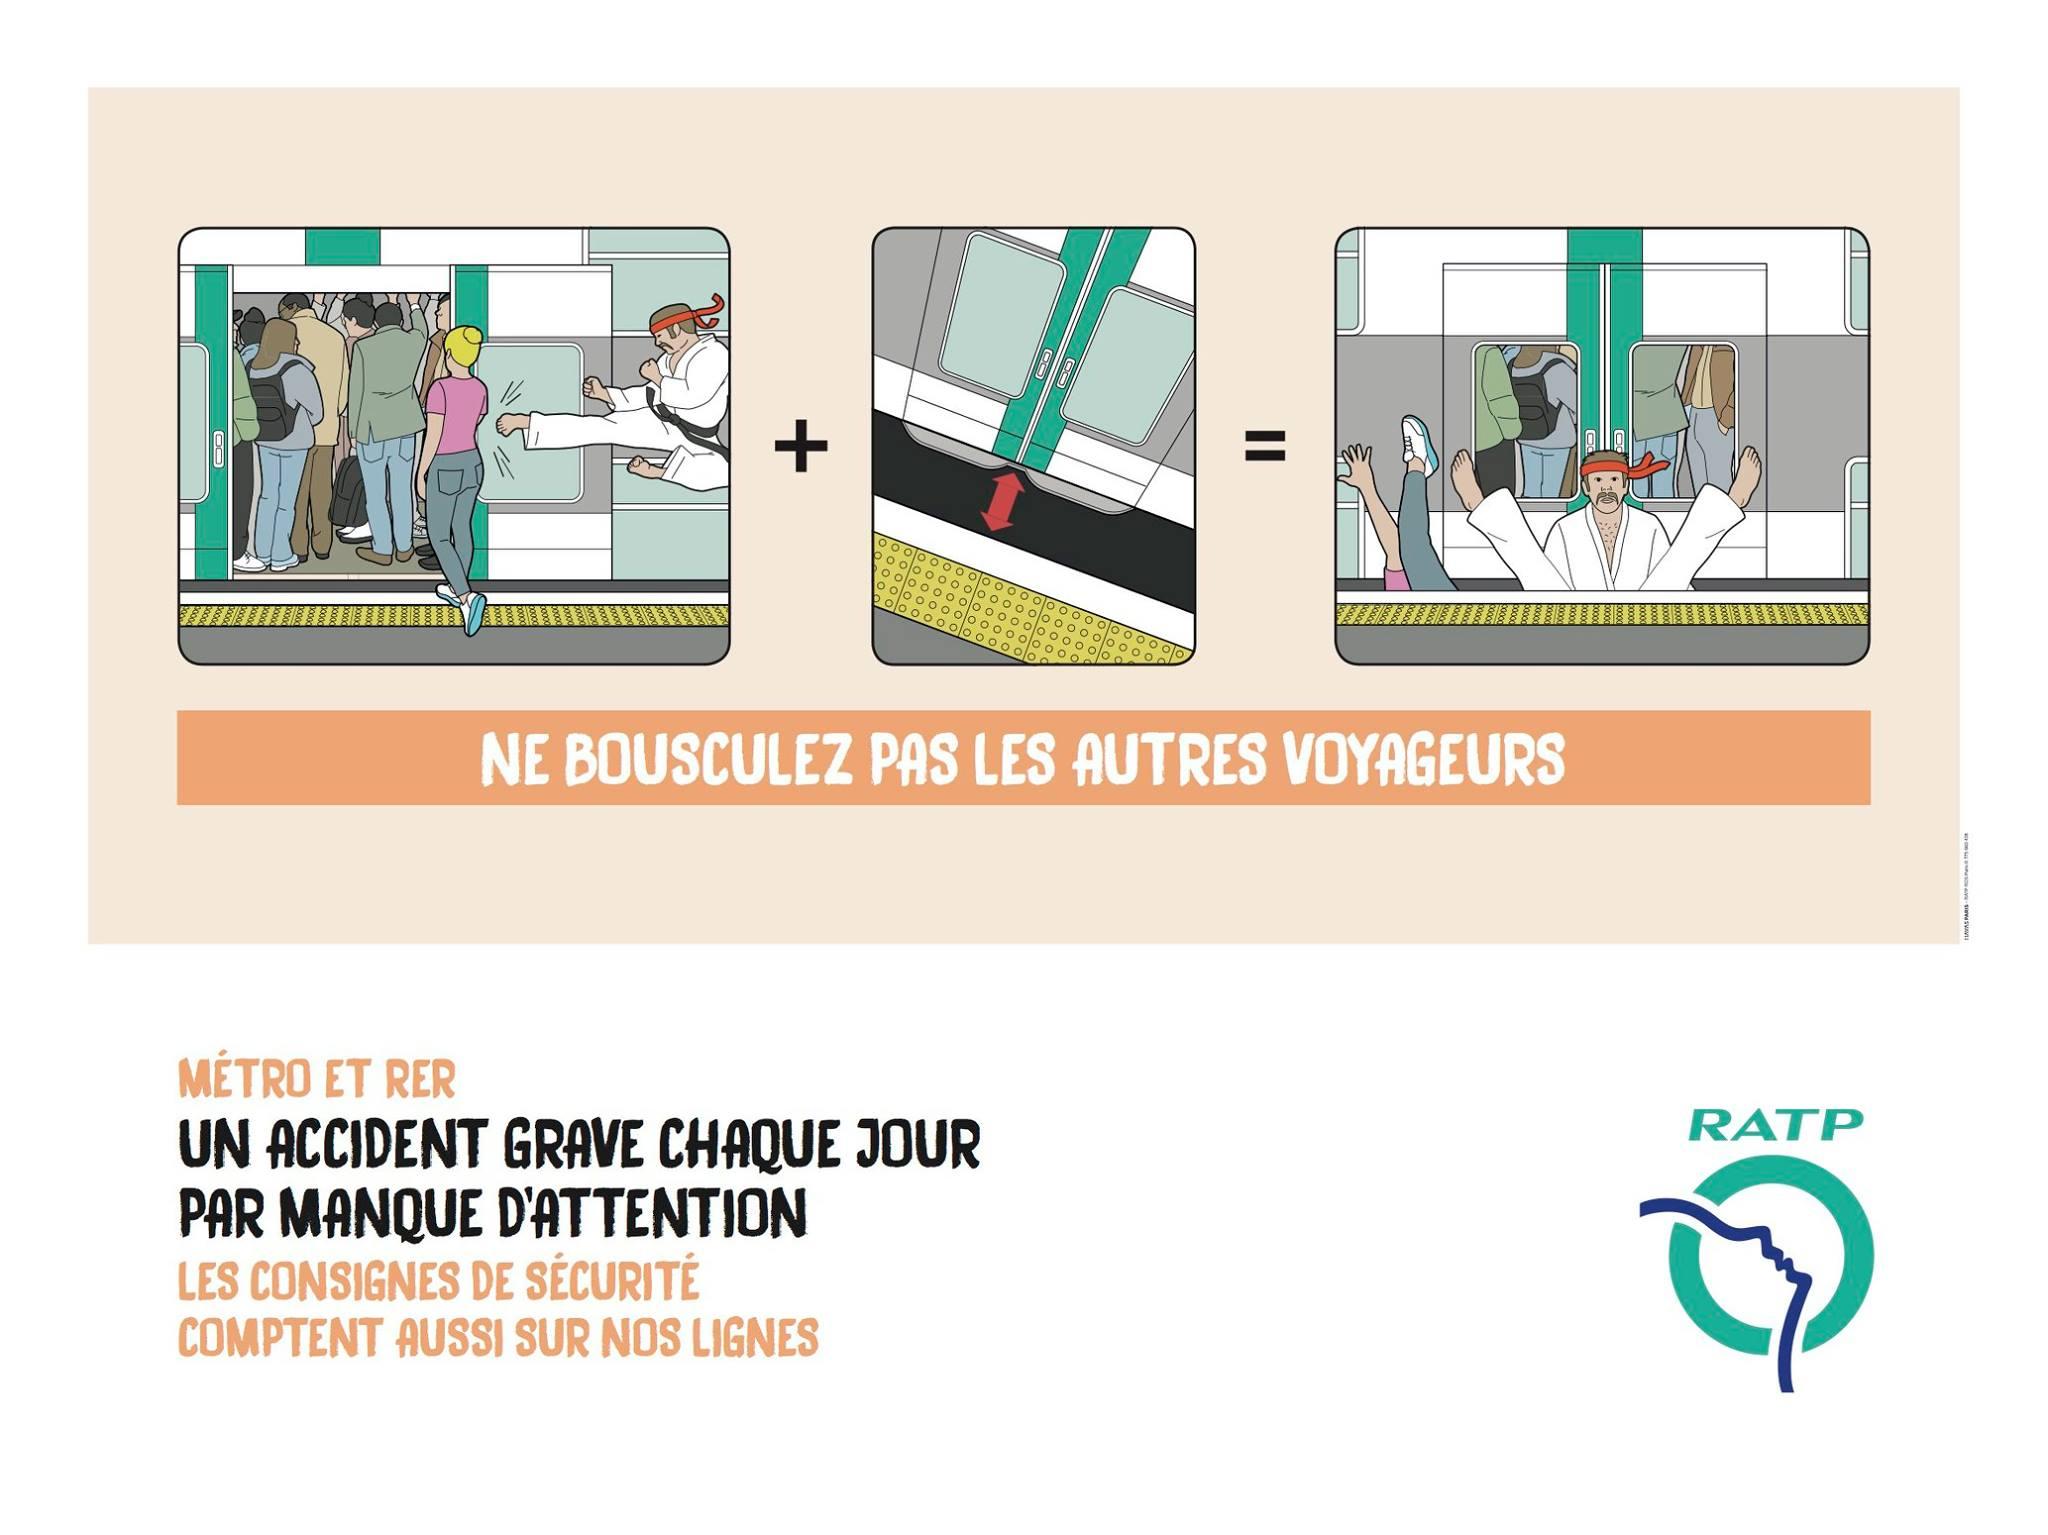 ratp-metro-consignes-securite-2016-publicite-danger-havas-paris-3